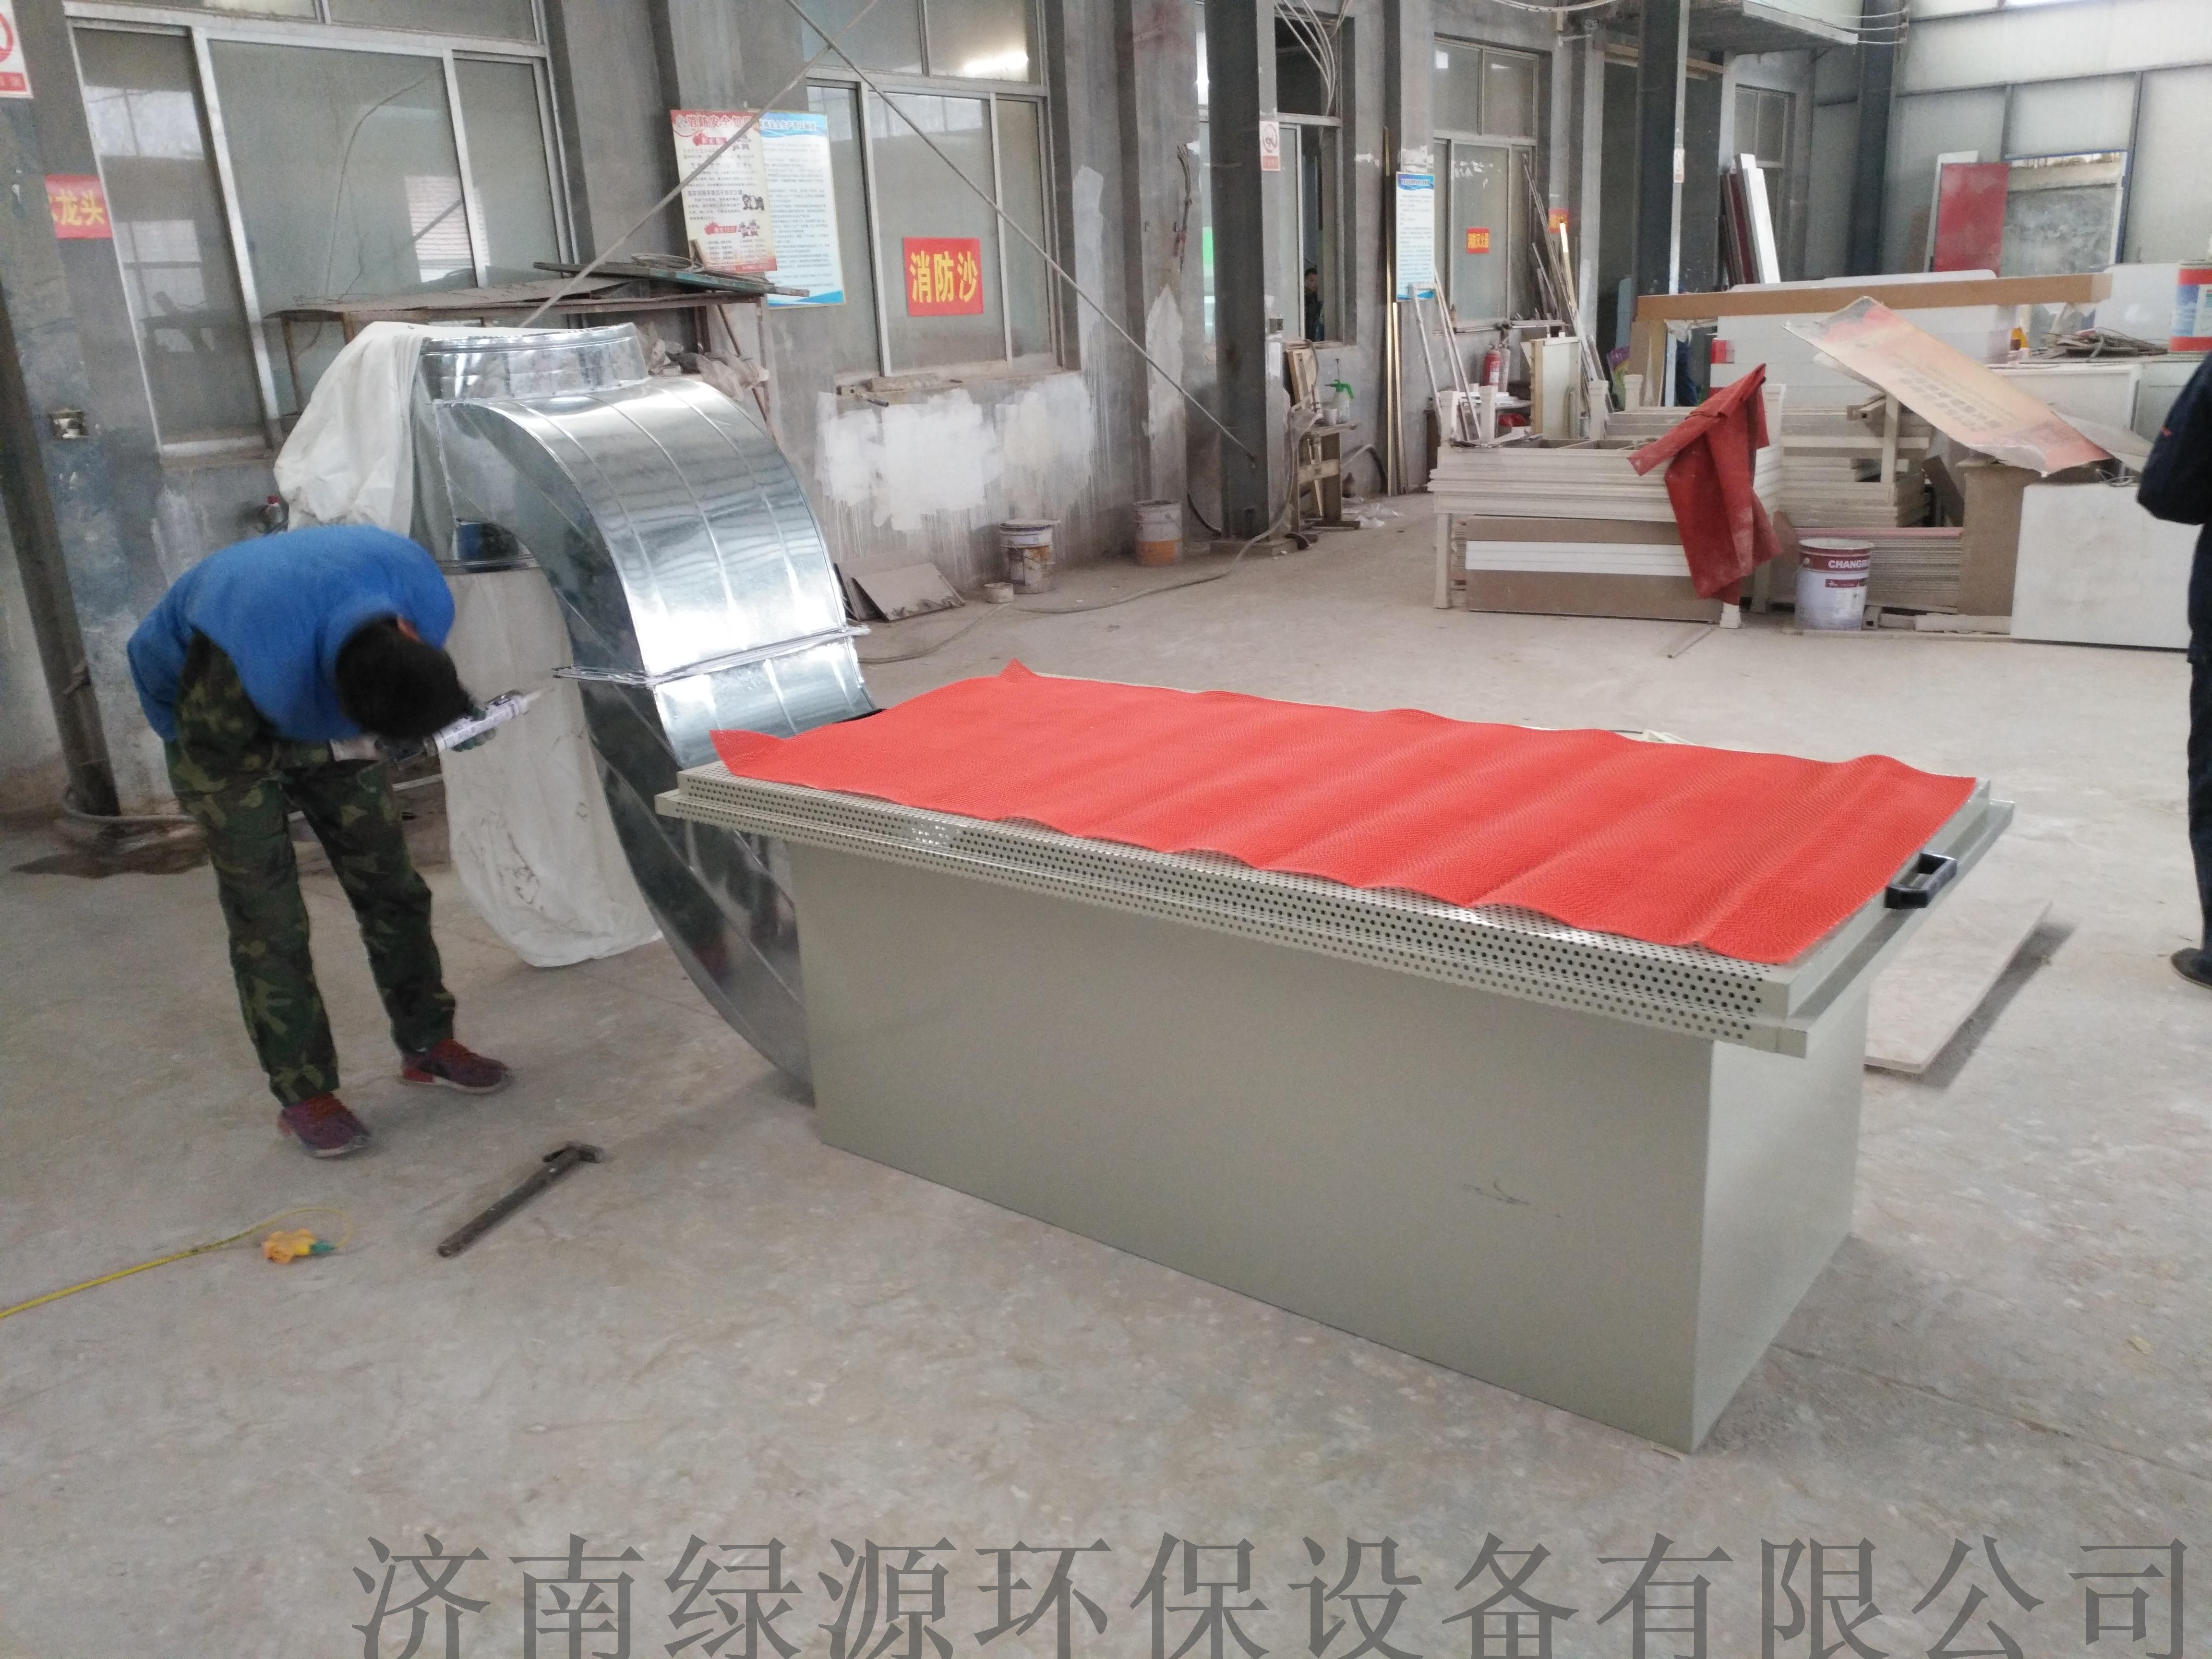 吸尘打磨台 家具打磨台 木器打磨台  绿源环保90466082